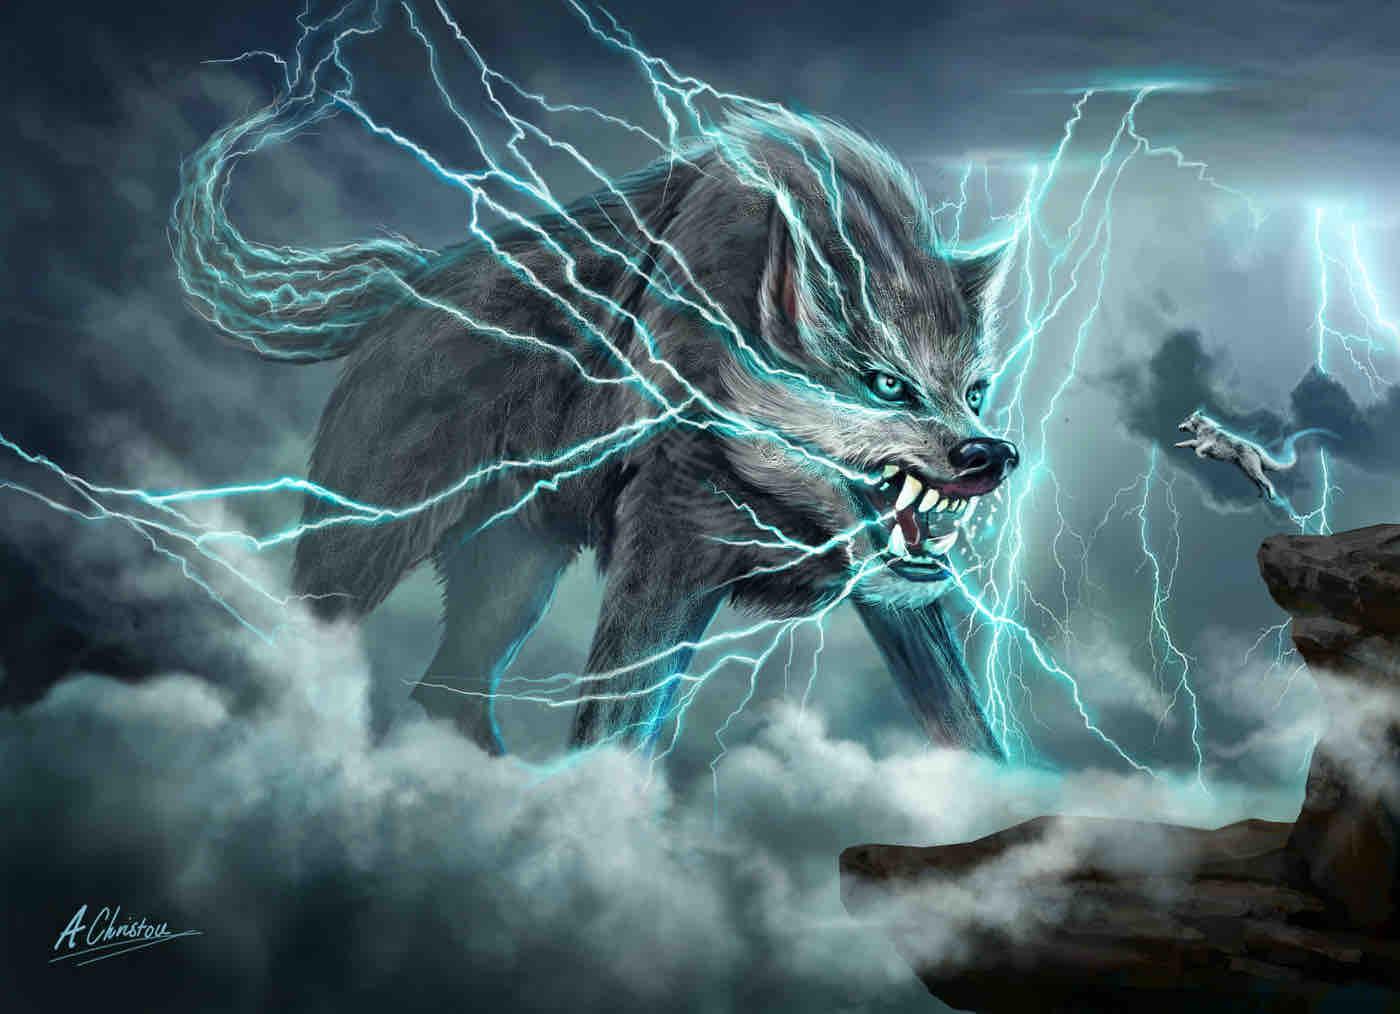 Raiju La Bestia Del Rayo De La Mitologia Japonesa También es verdad que los mitos y las historias del japón no se hallan tan bien conectados y sistematizados entre los. raiju la bestia del rayo de la